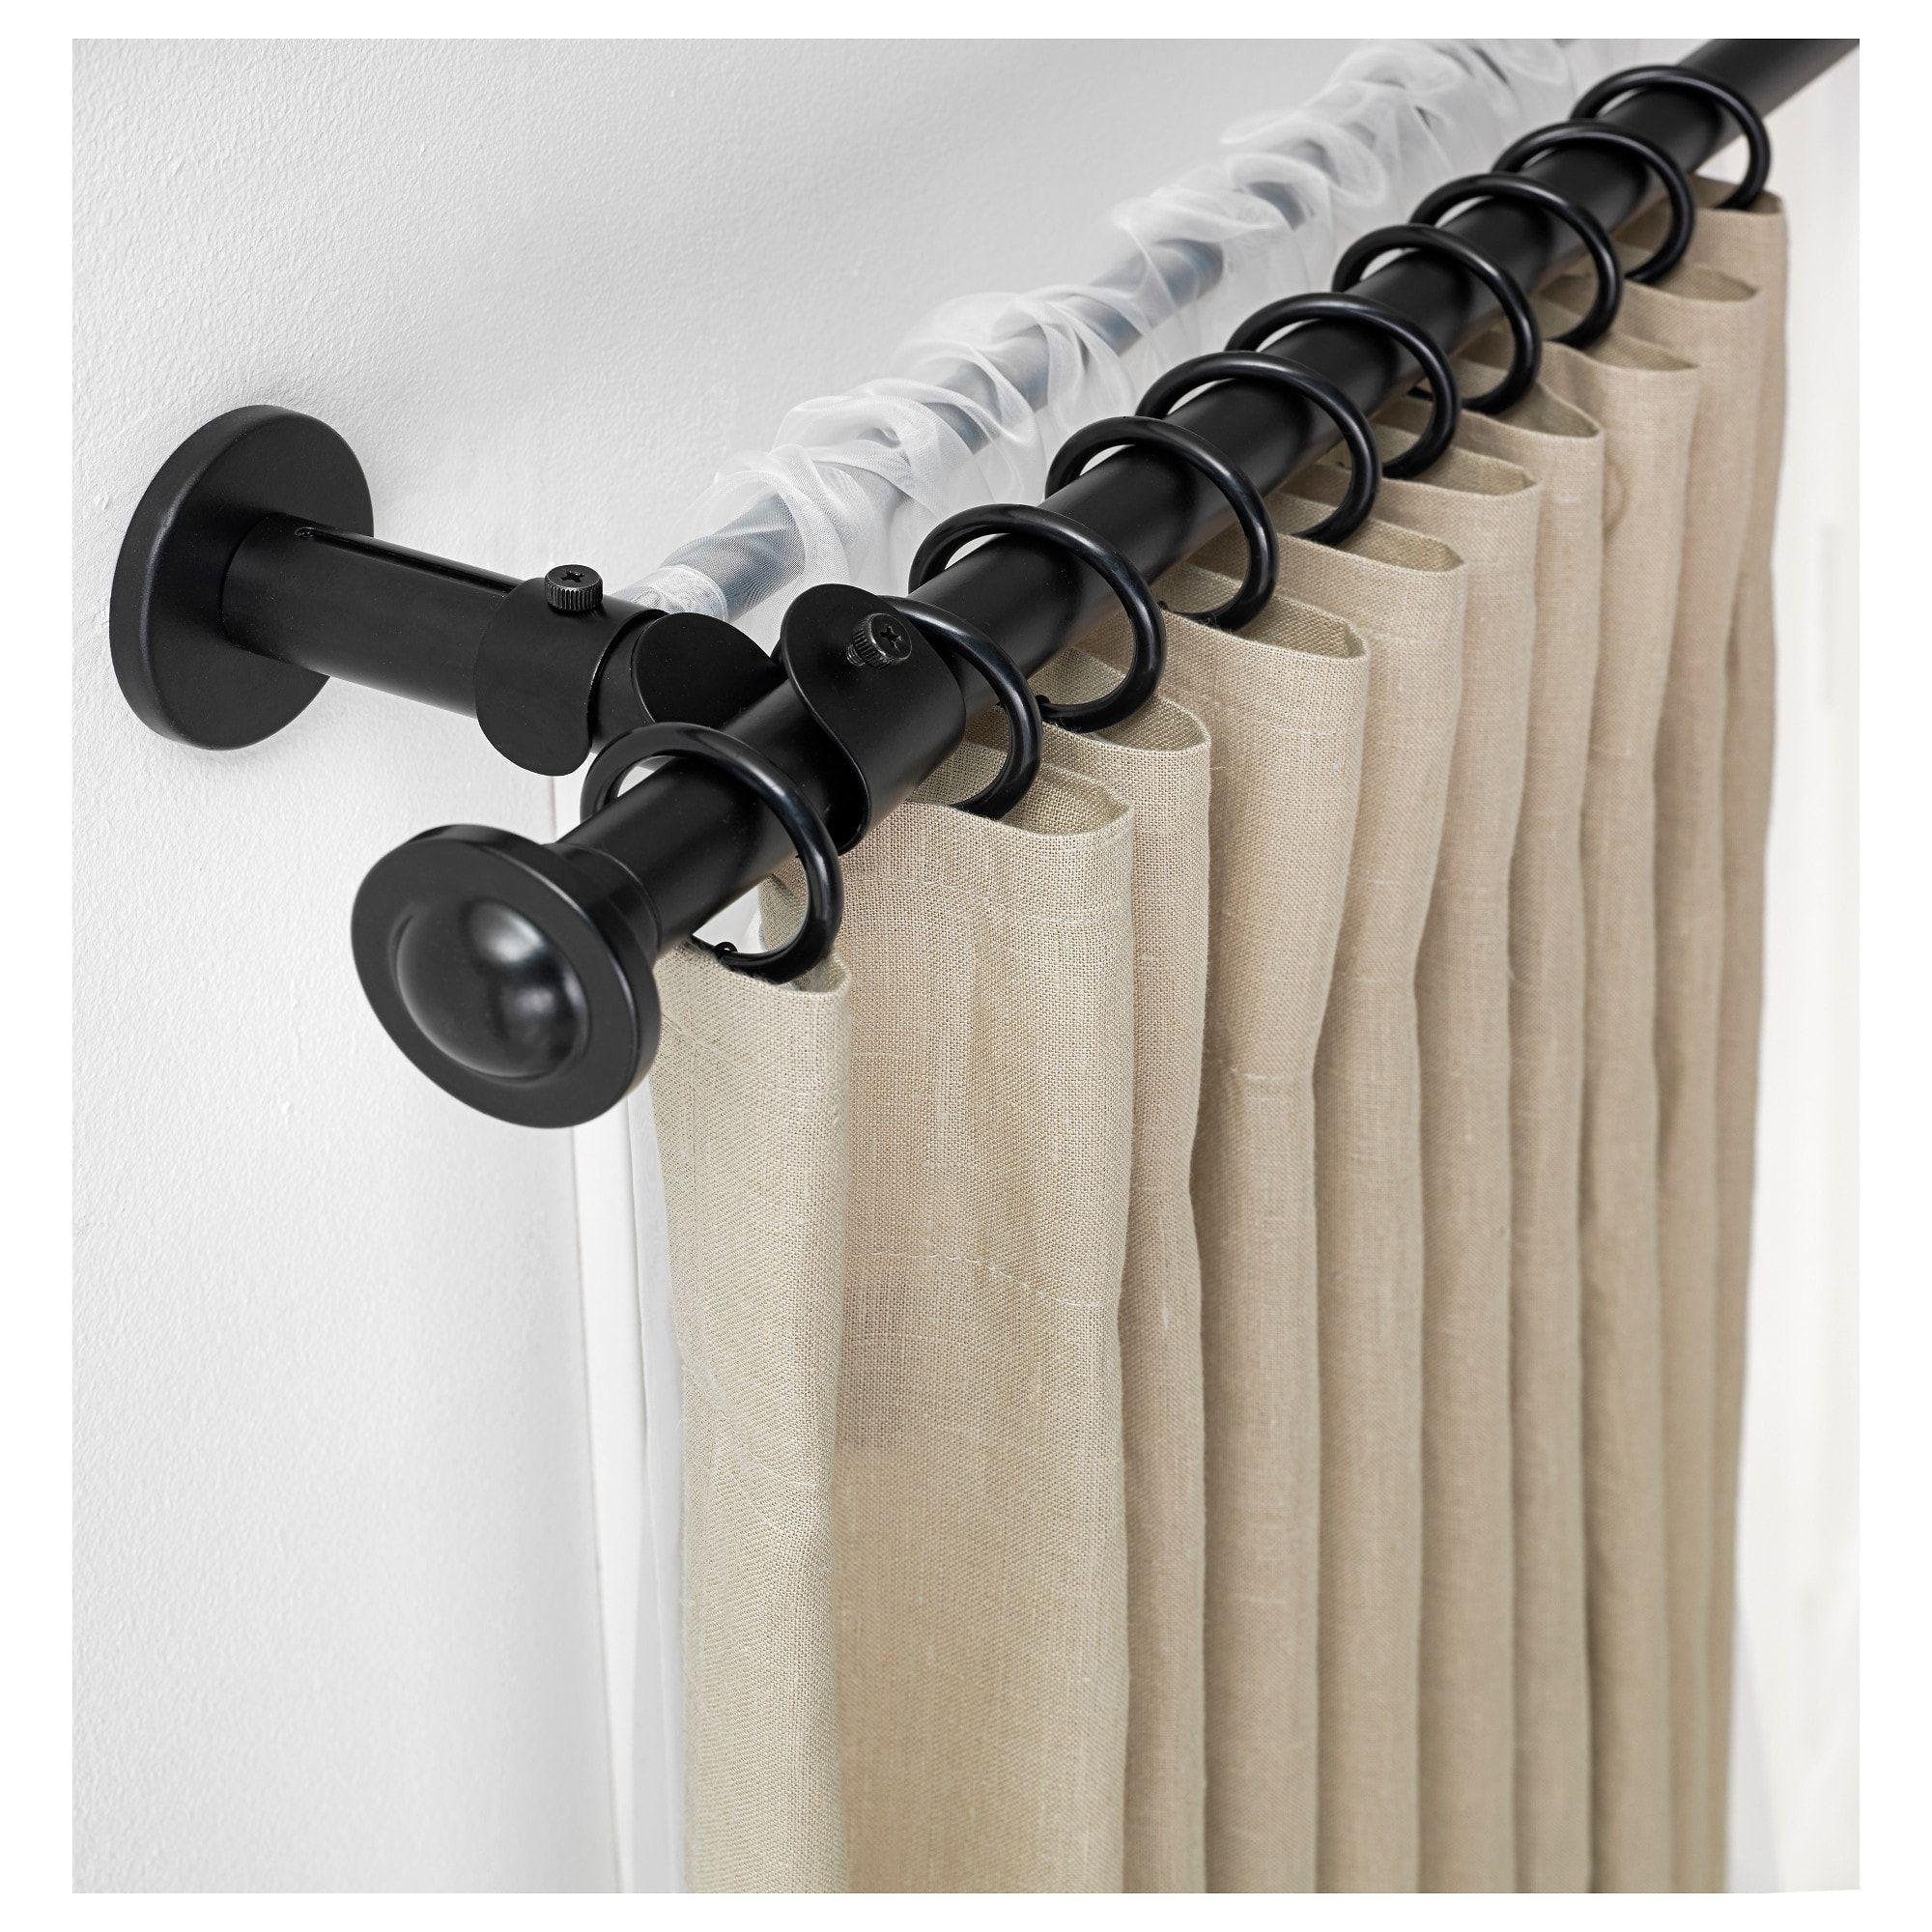 Storslagen Double Curtain Rod Set Black 47 1 4 82 5 8 120 210 Cm Double Rod Curtains Double Curtain Rod Set Double Curtains